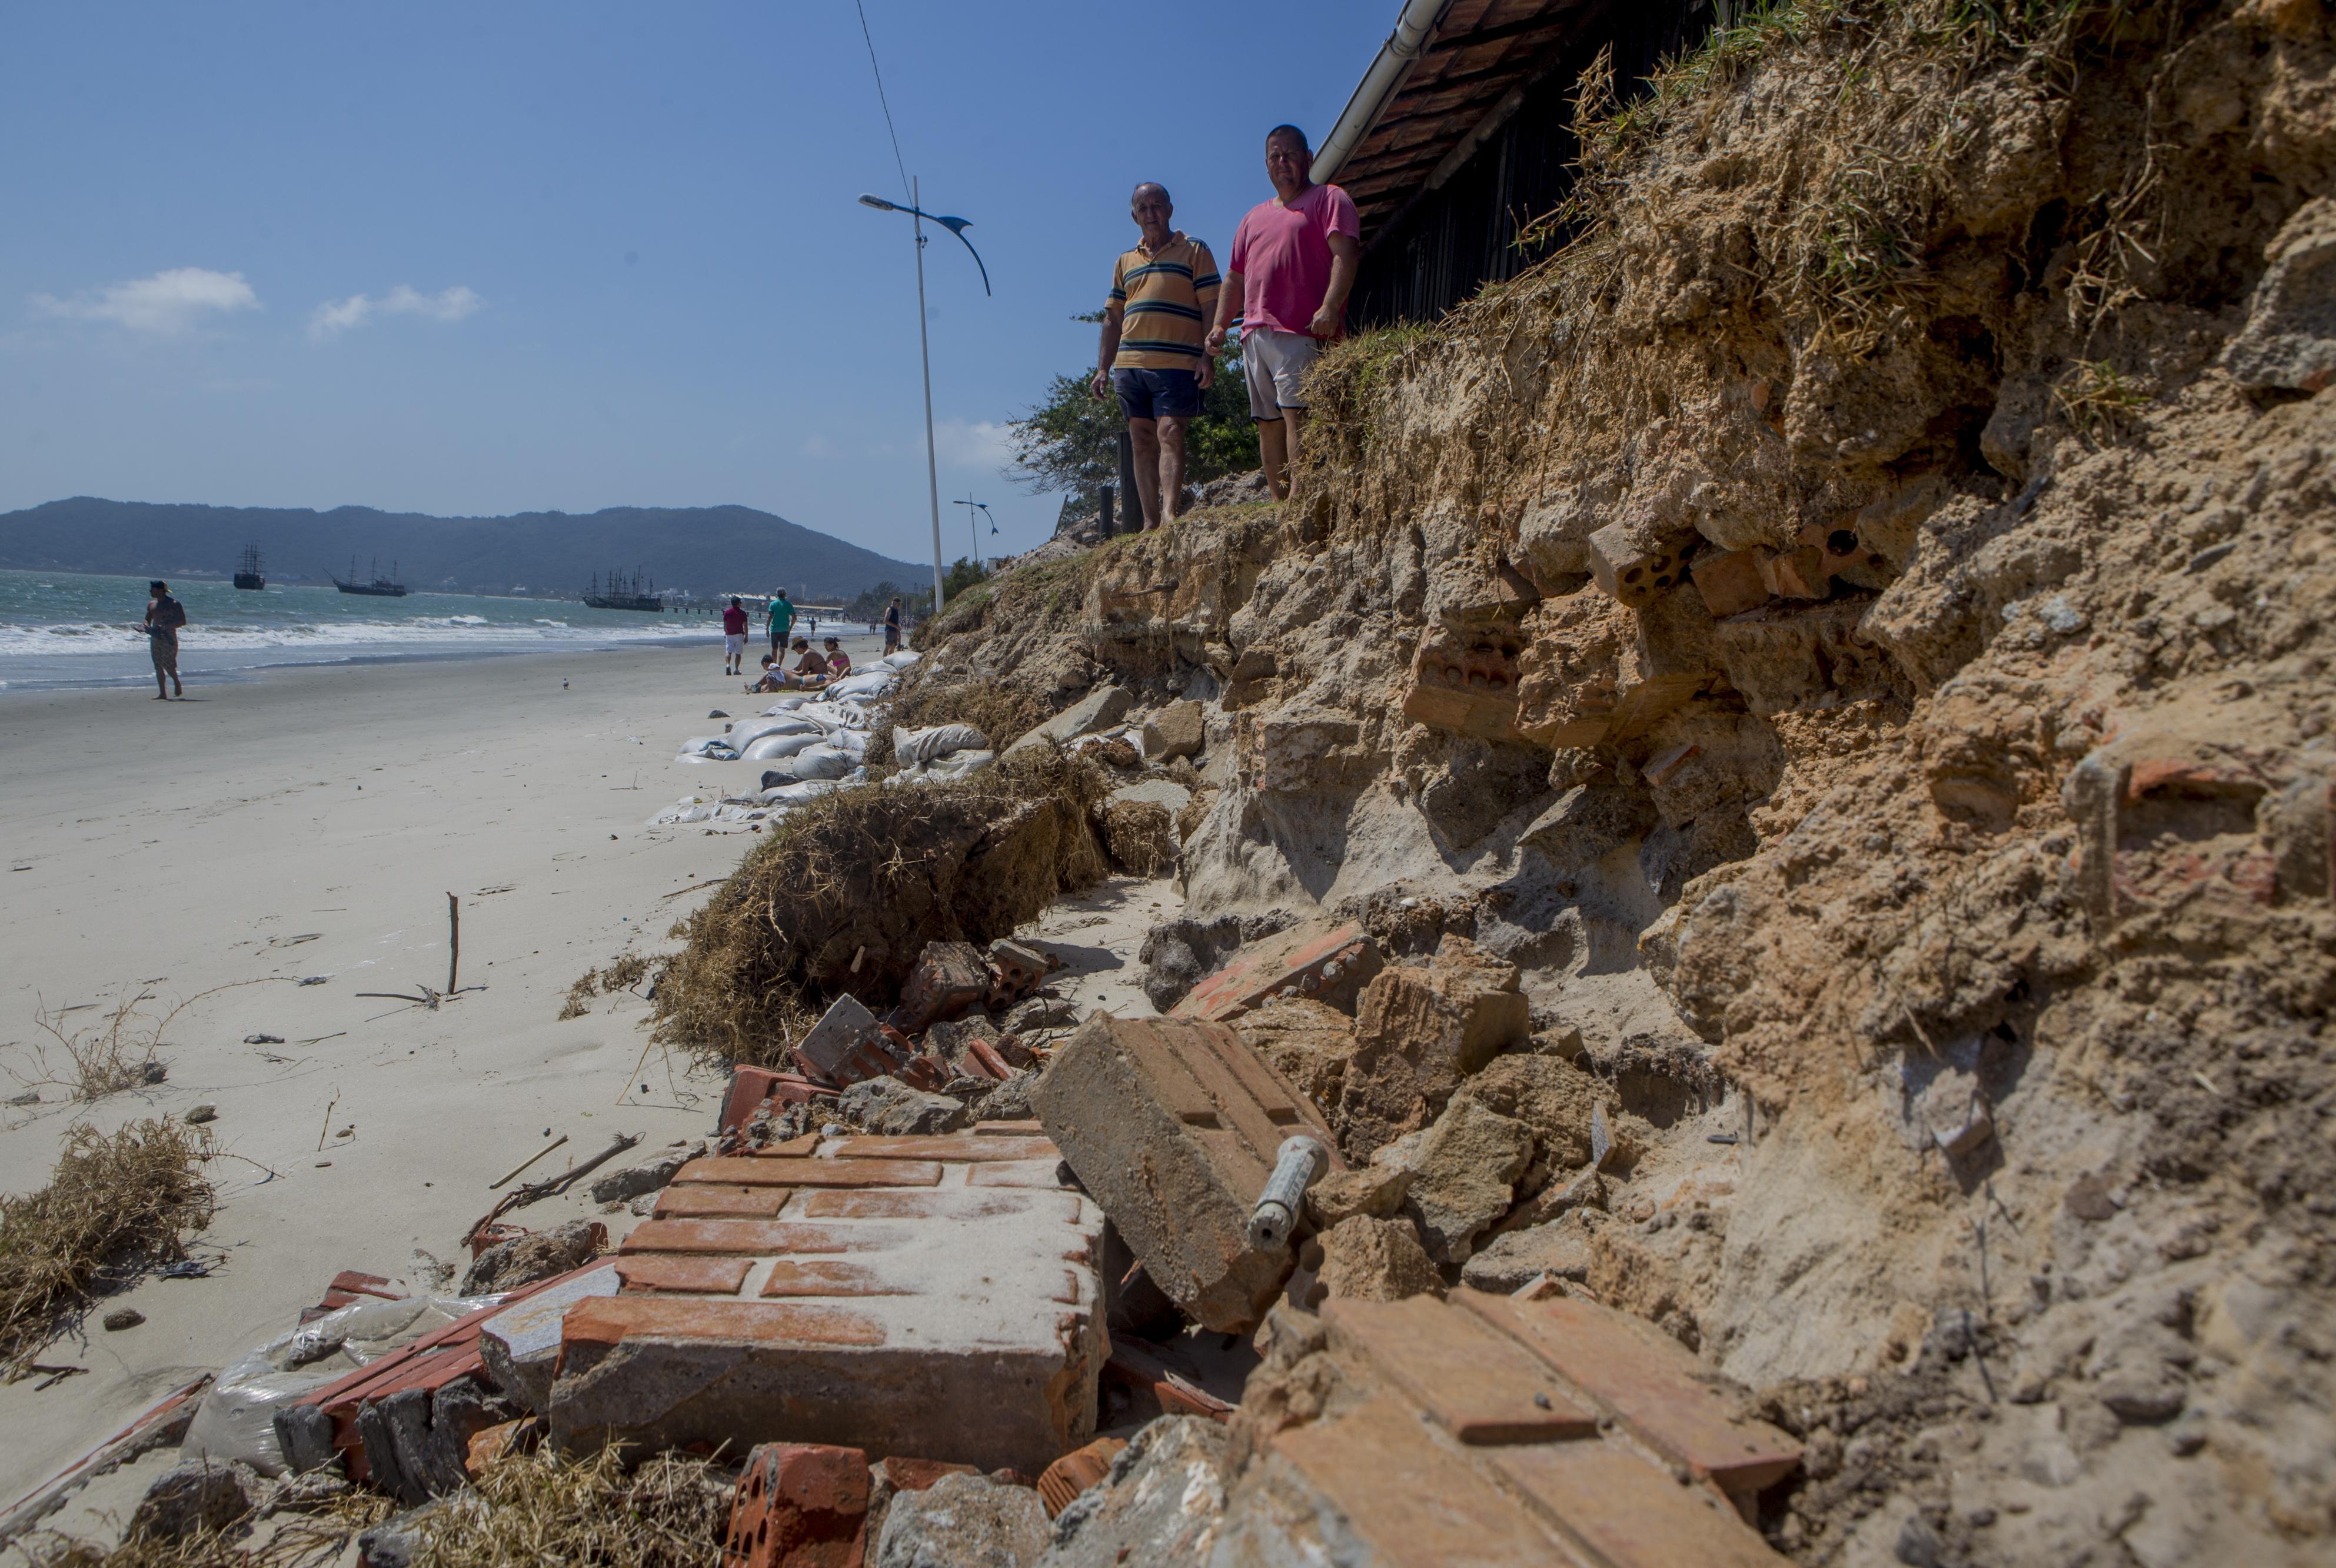 Pescador Paulo Vieira duvida que a praia poderá voltar ao que era antes - Flávio Tin/ND